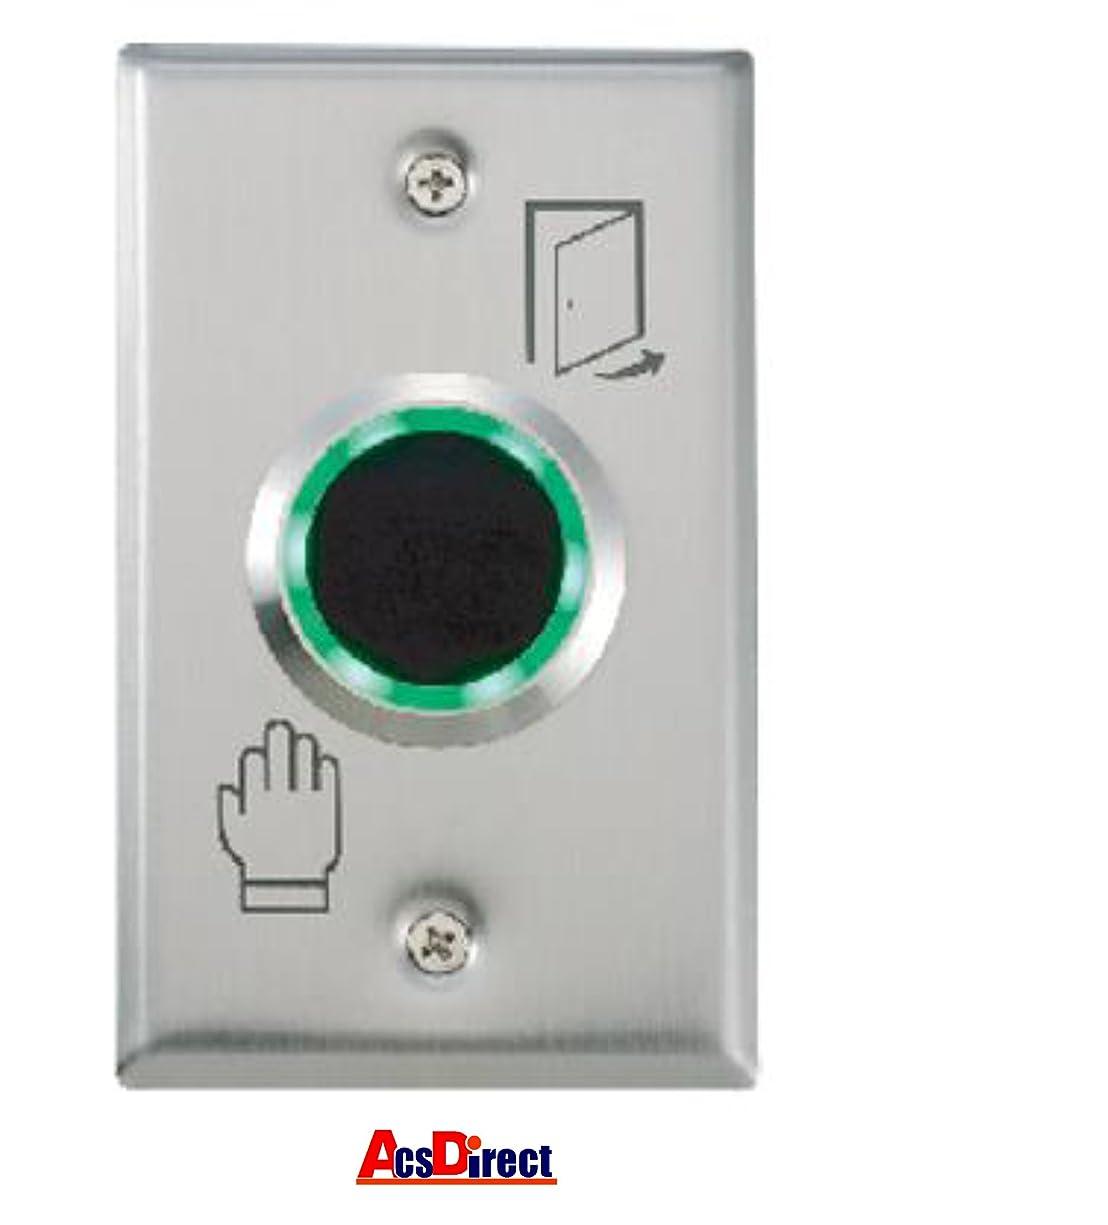 モバイル抜け目のない注文SI-68A 解錠スイッチ DC12V接続でLEDを光らせることができます。